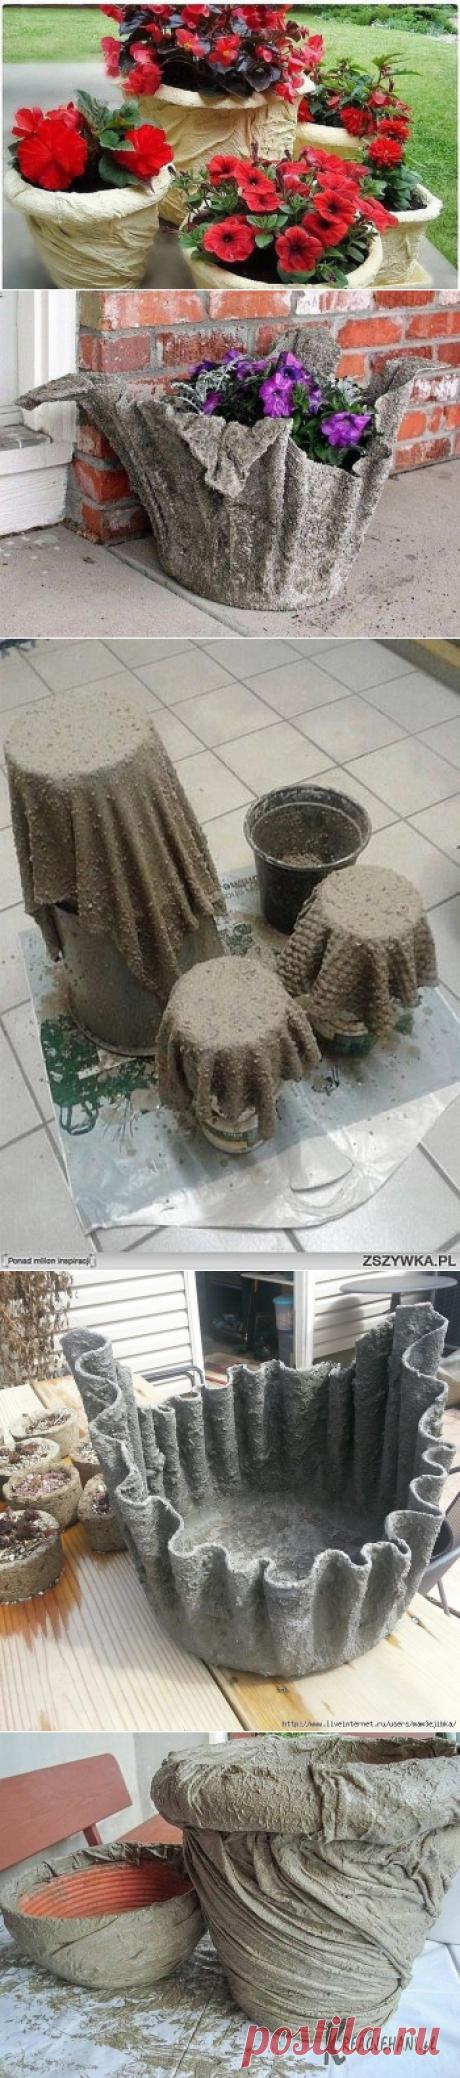 Она замочила полотенце в цементе...есть идея!!!!!